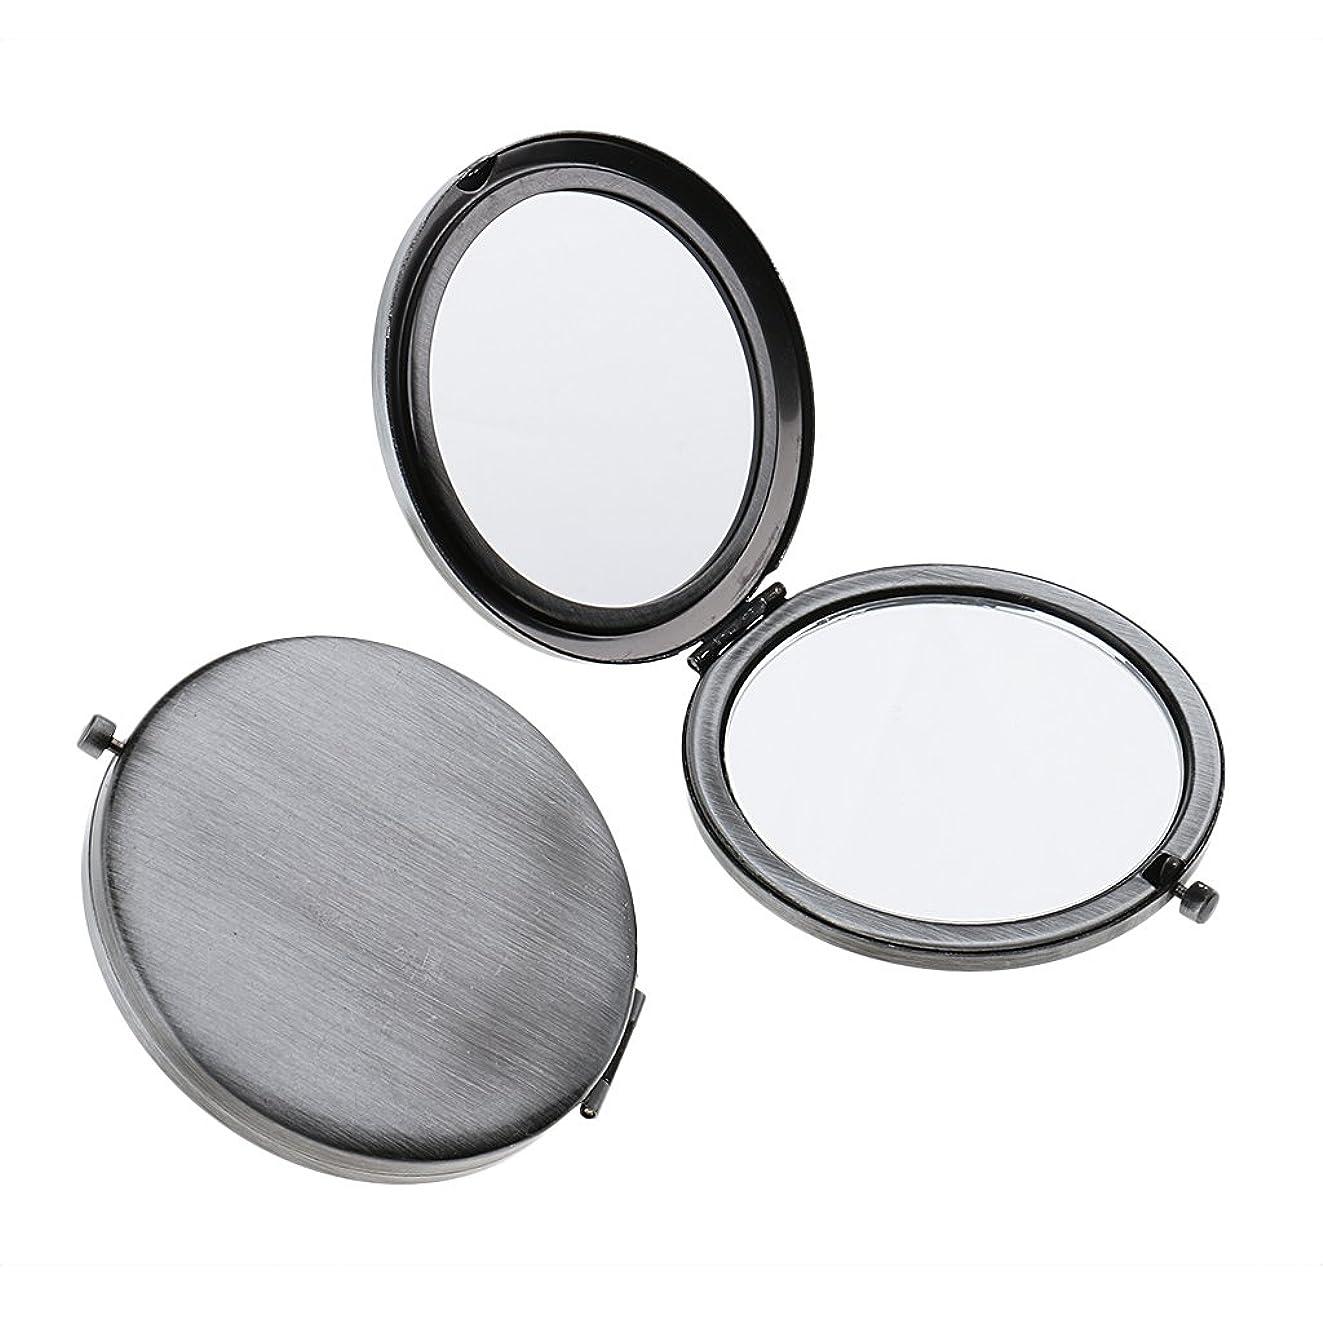 予知素晴らしさ抵当T TOOYFUL ミニ手鏡 両面コンパクトミラー ステンレス 折りたたみ式 ハンドミラー 携帯ミラー 2個入り - クラシックシルバー